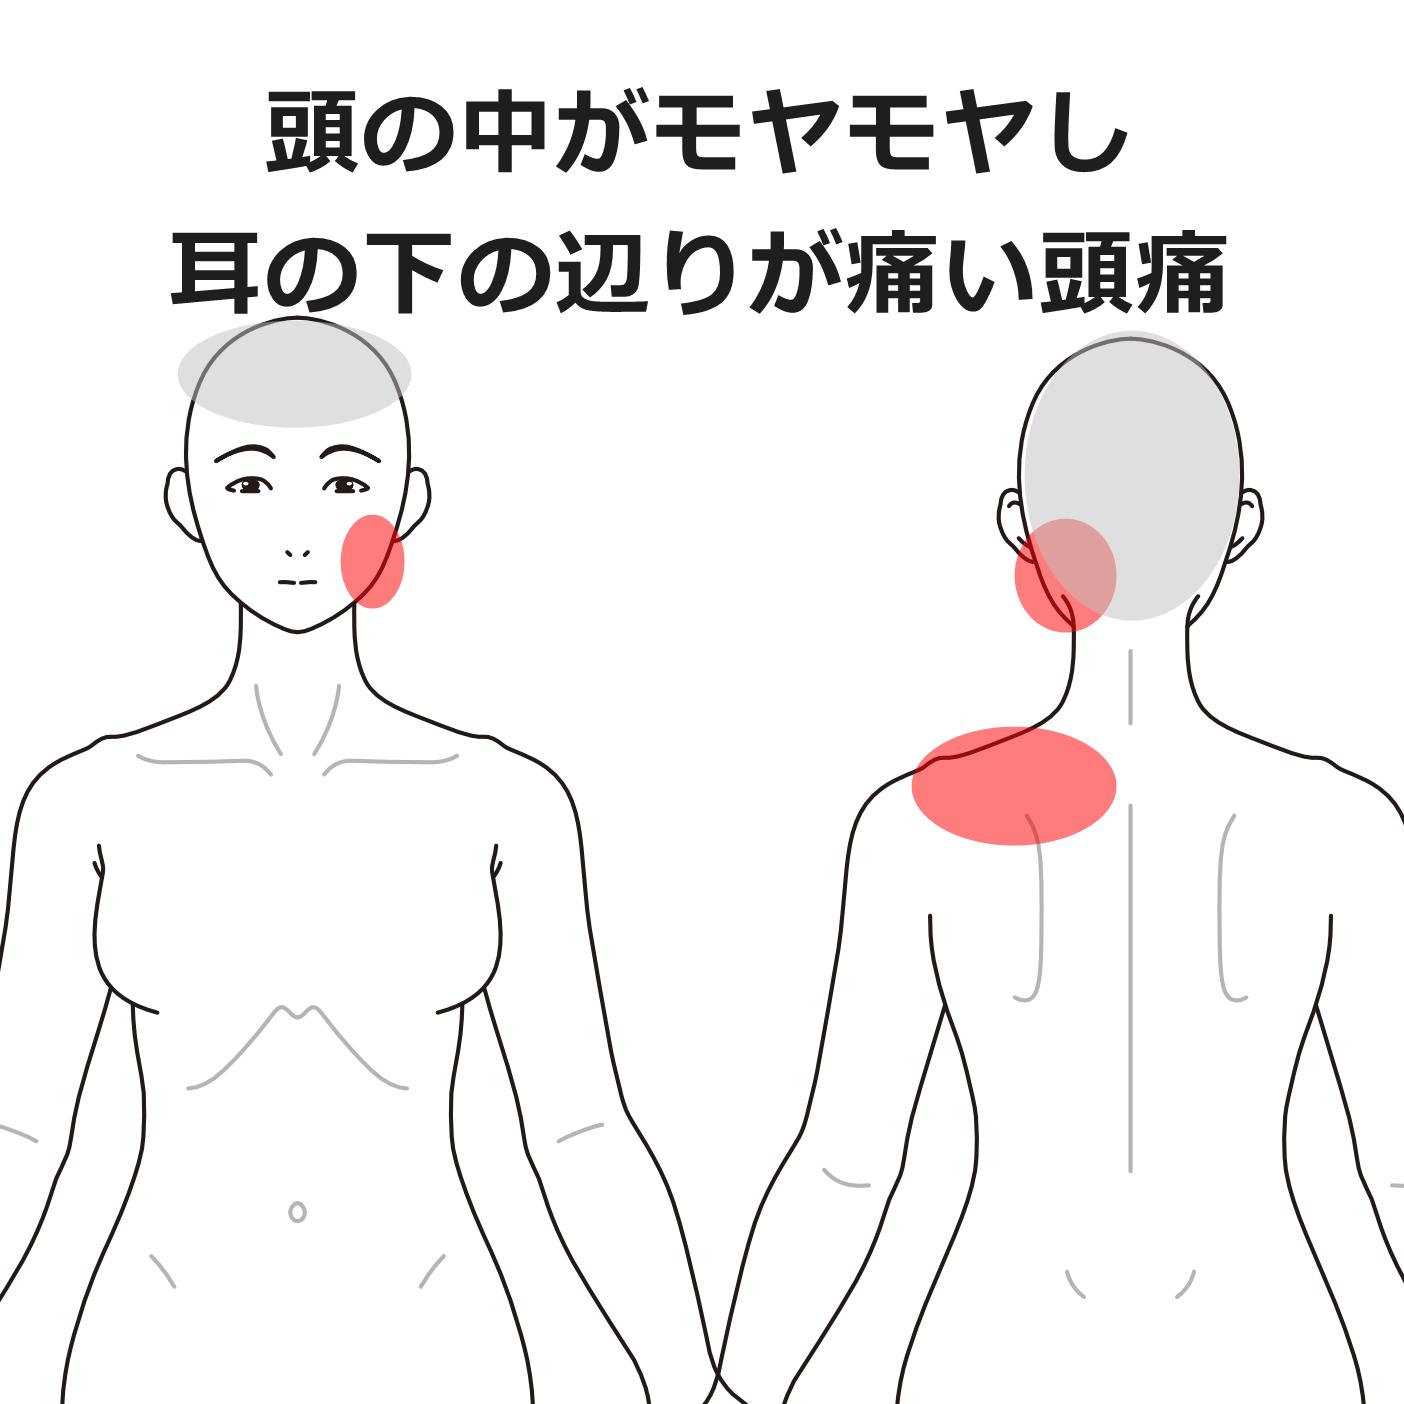 痛い が 甲骨 の 下 左肩 あたり